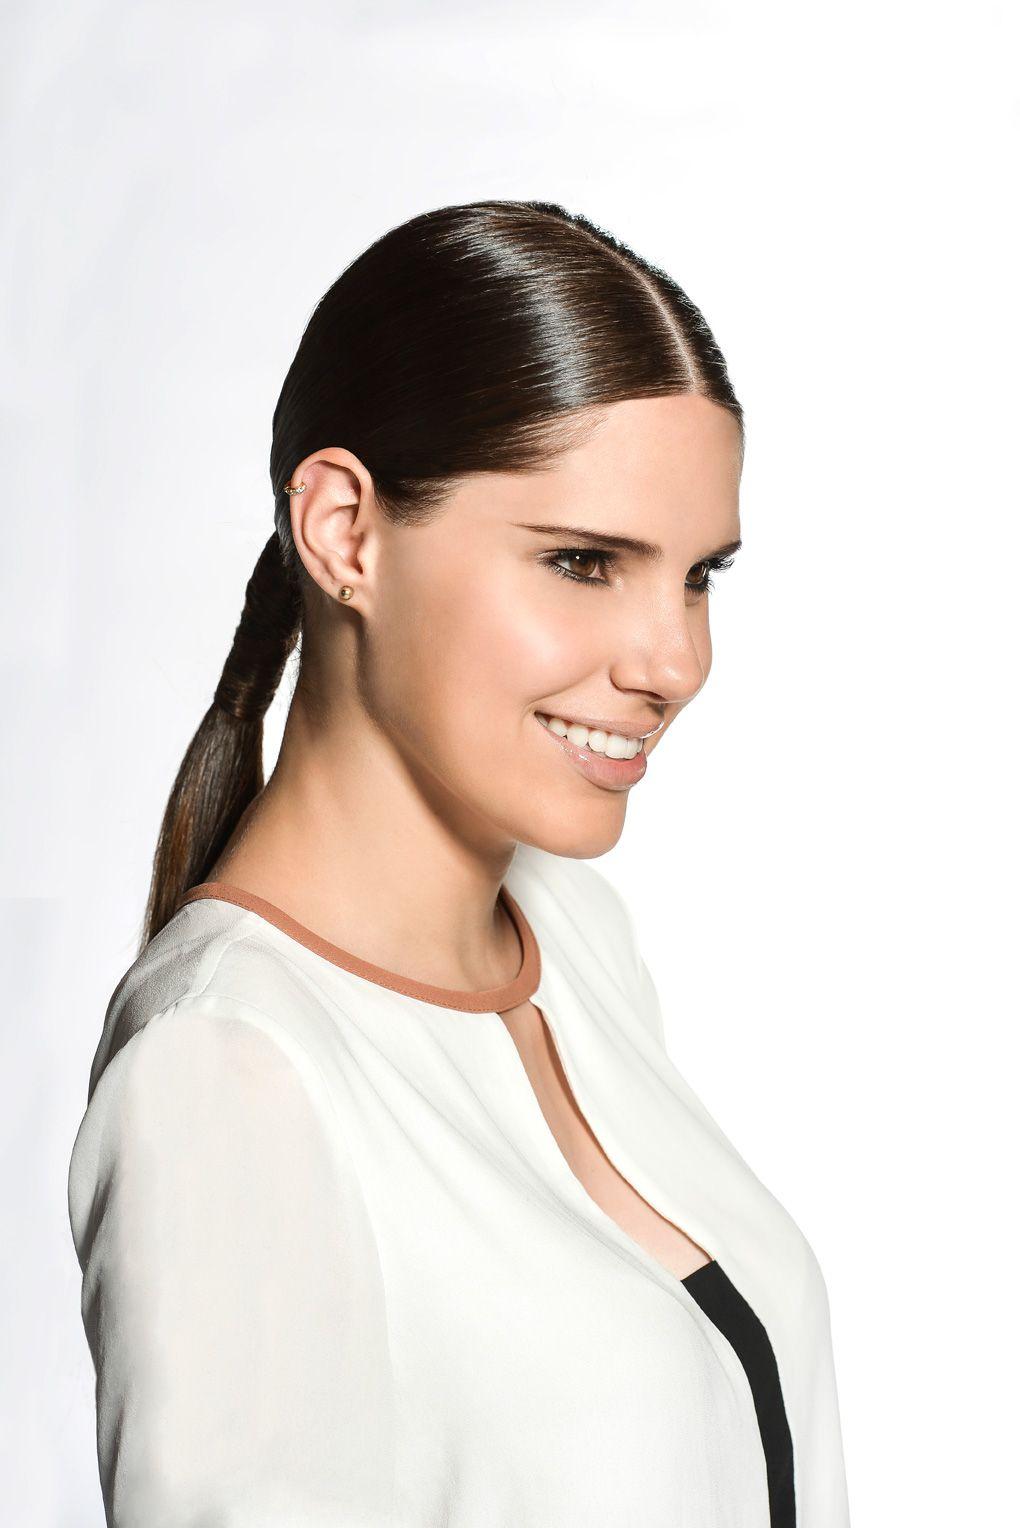 Tendencias en pelo, por Mauro Freire. #BeautyHair